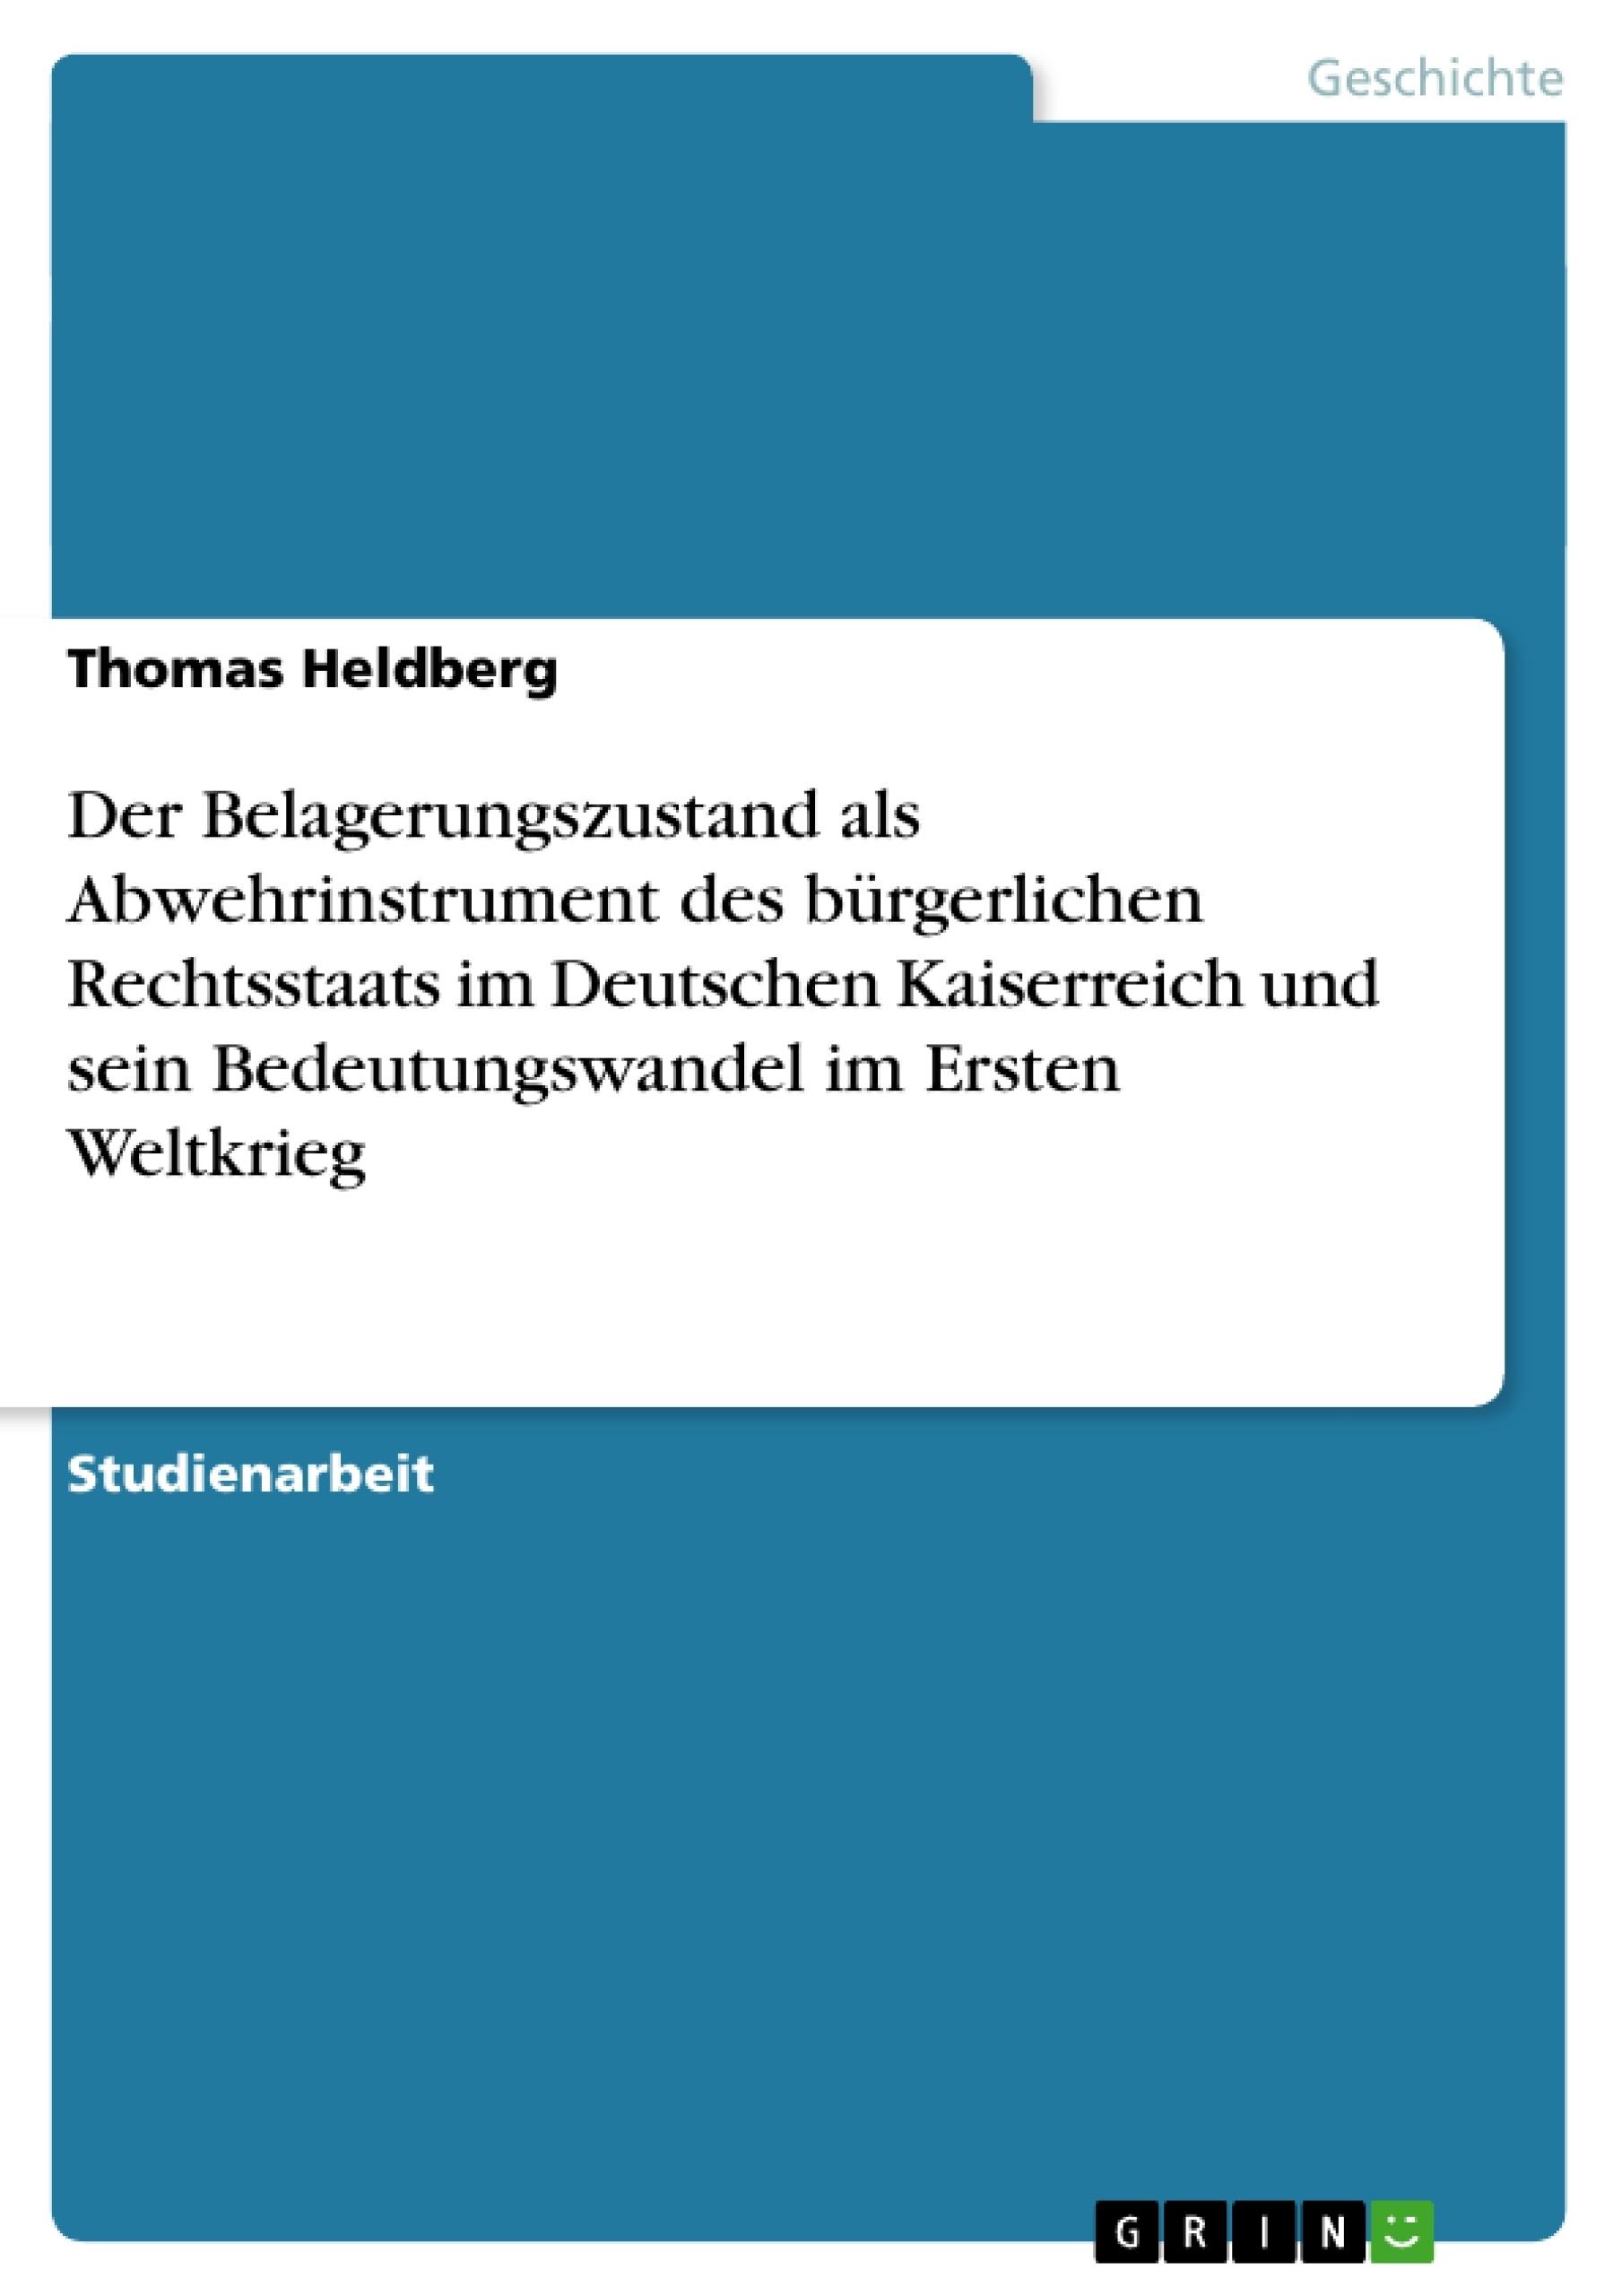 Titel: Der Belagerungszustand als Abwehrinstrument des bürgerlichen Rechtsstaats im Deutschen Kaiserreich und sein Bedeutungswandel im Ersten Weltkrieg